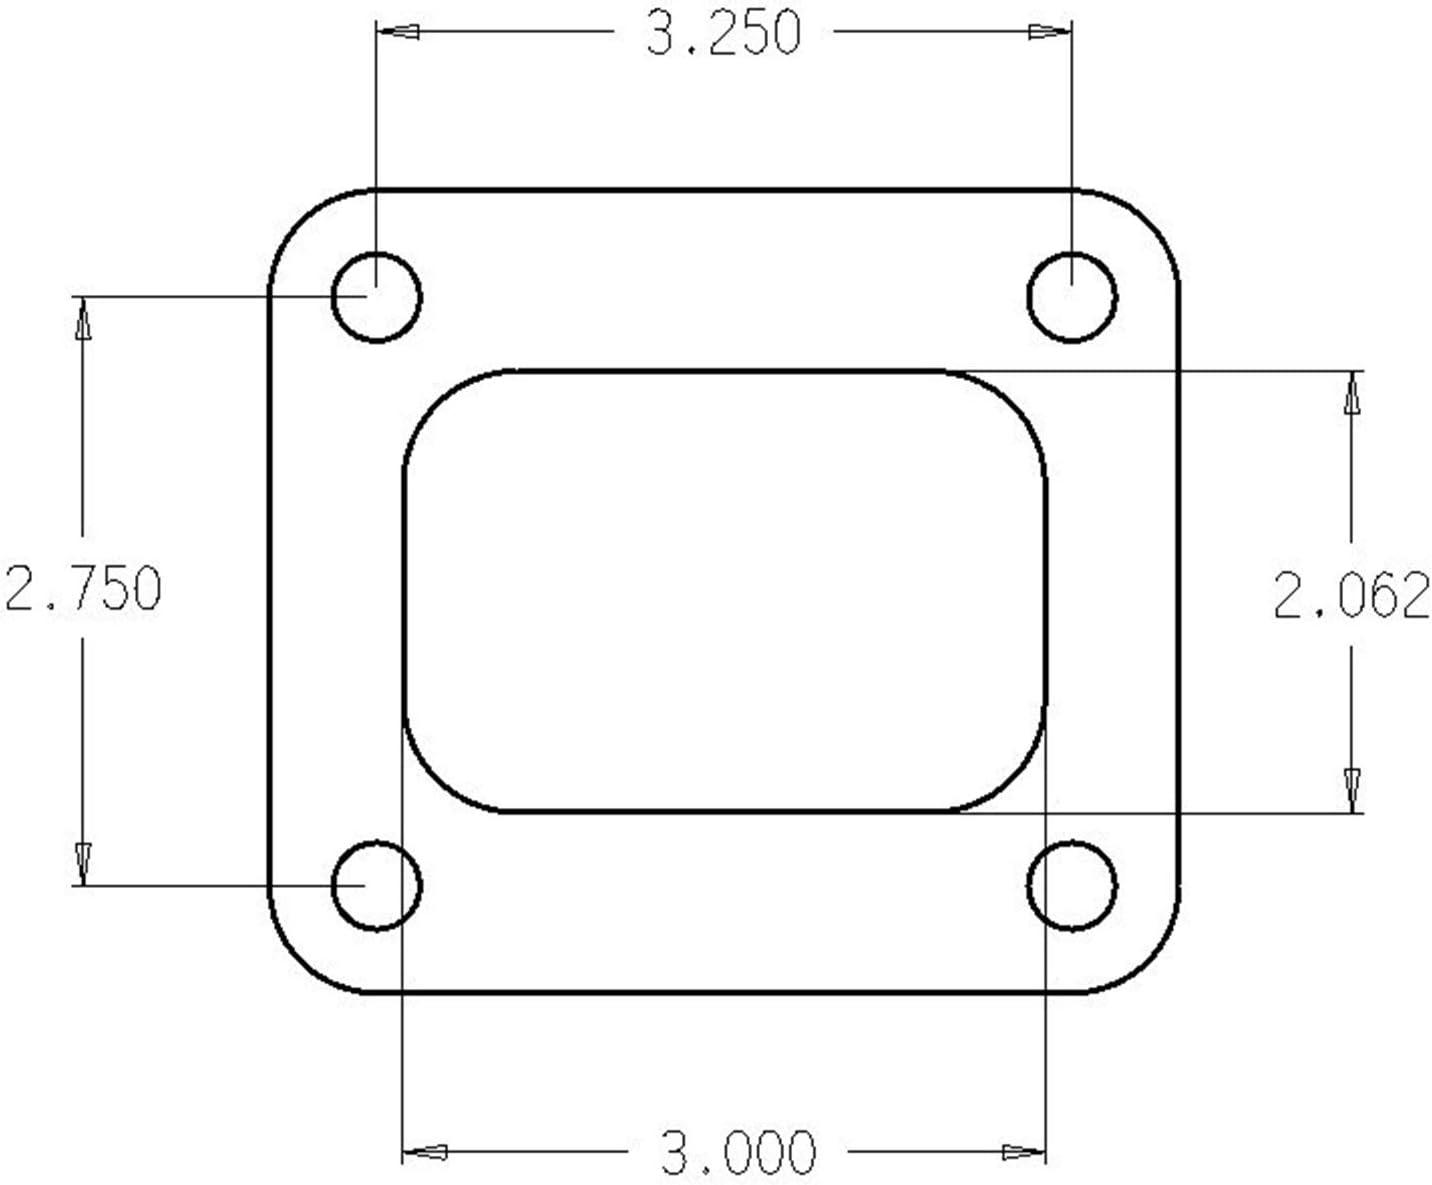 Cometic C4516 Turbocharger Flange Gasket